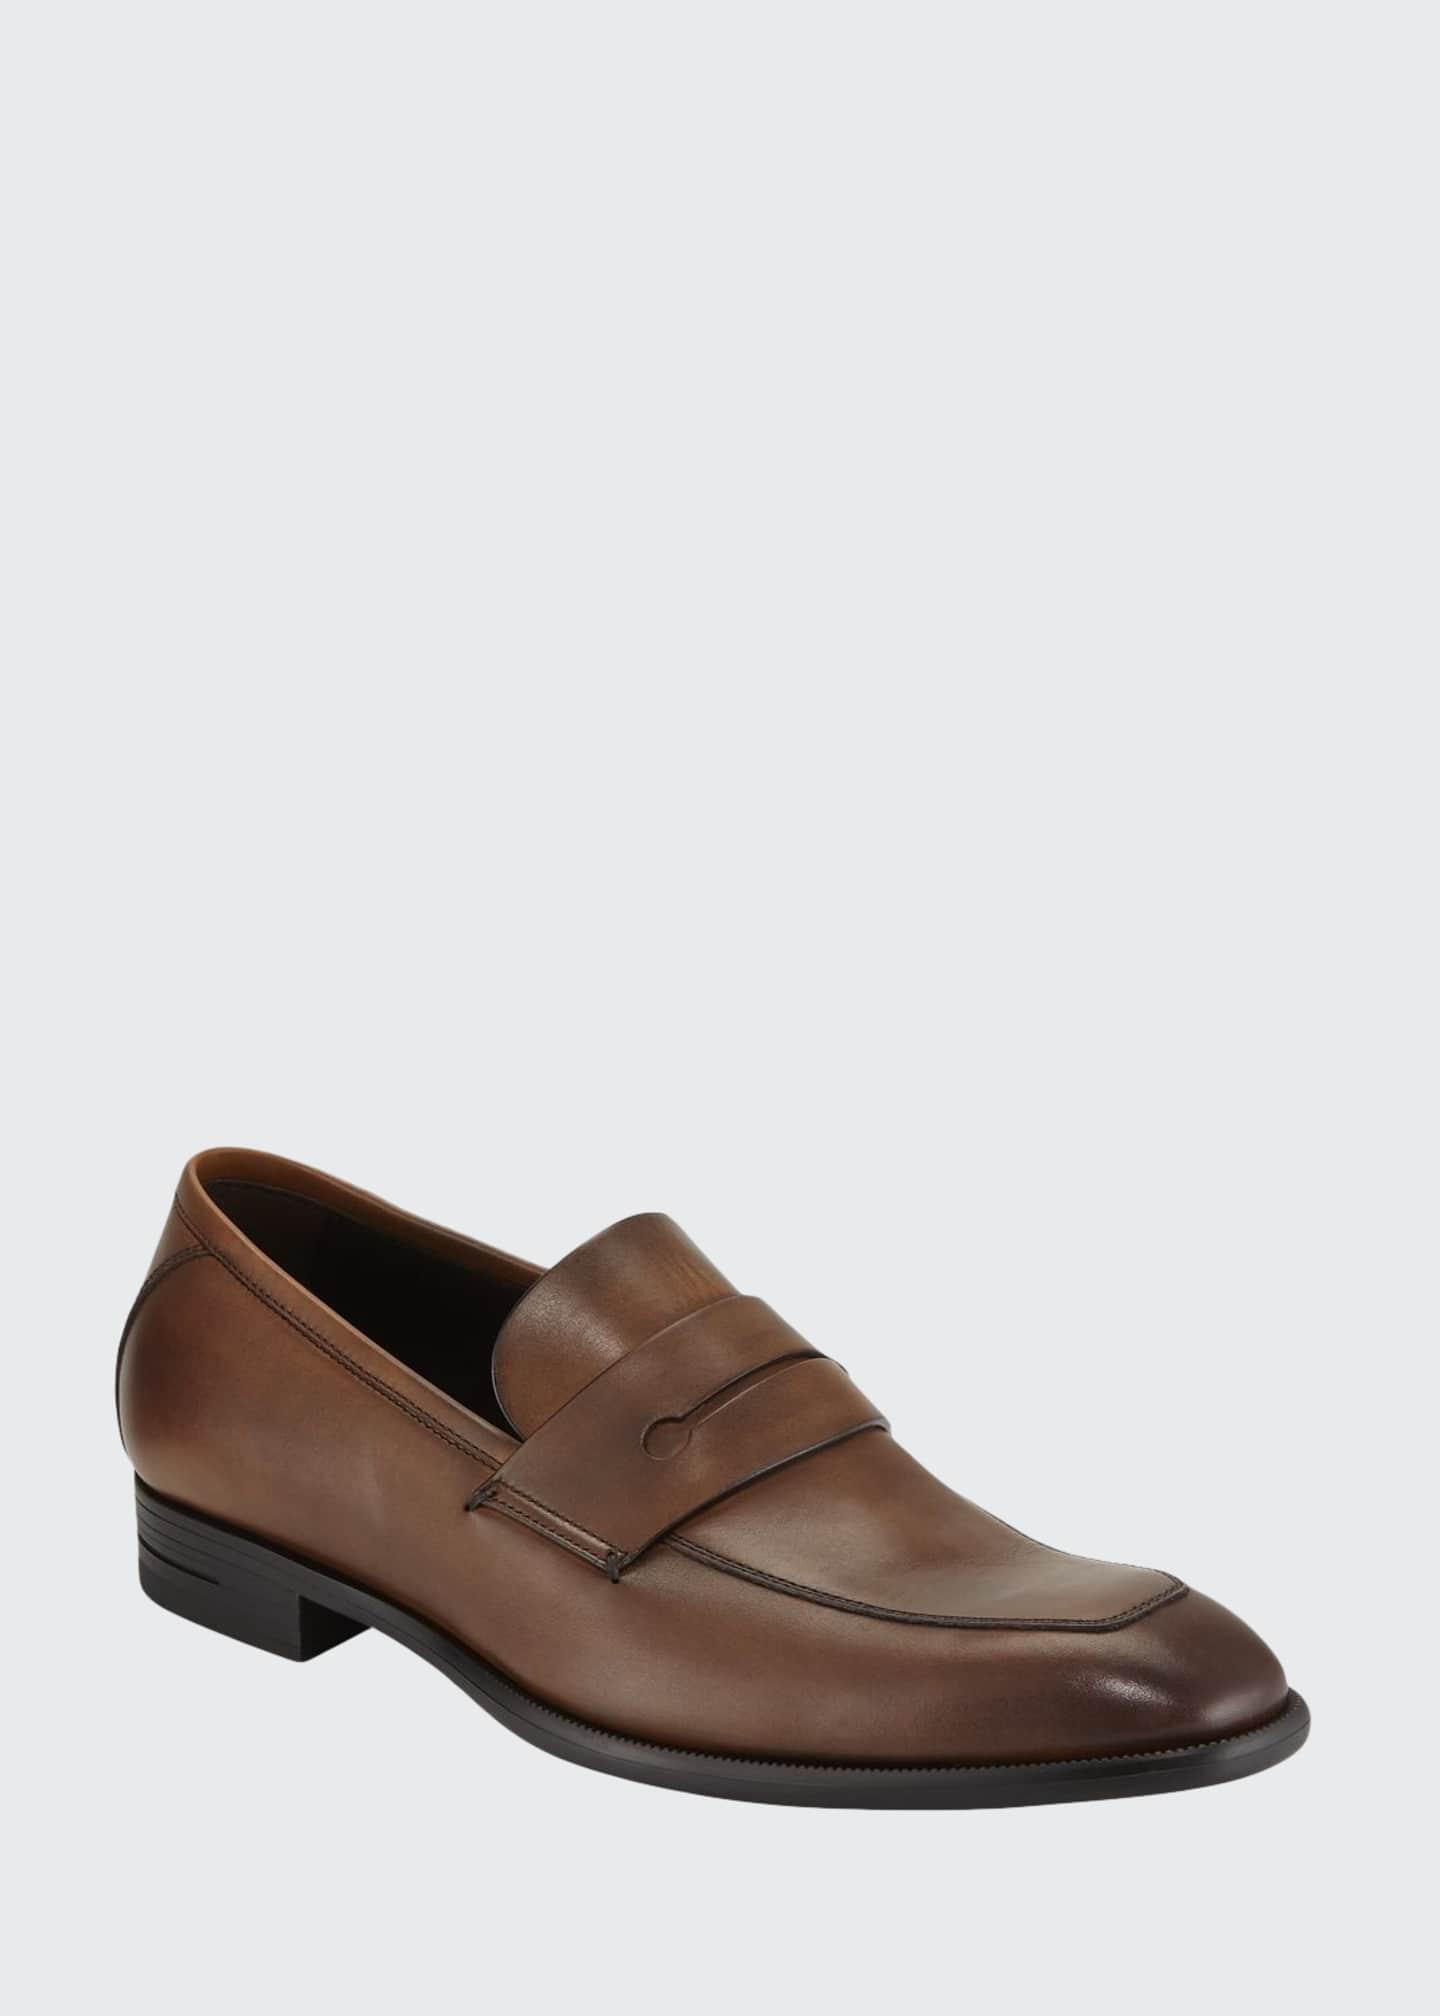 Ermenegildo Zegna Men's New Flex Leather Penny Loafer